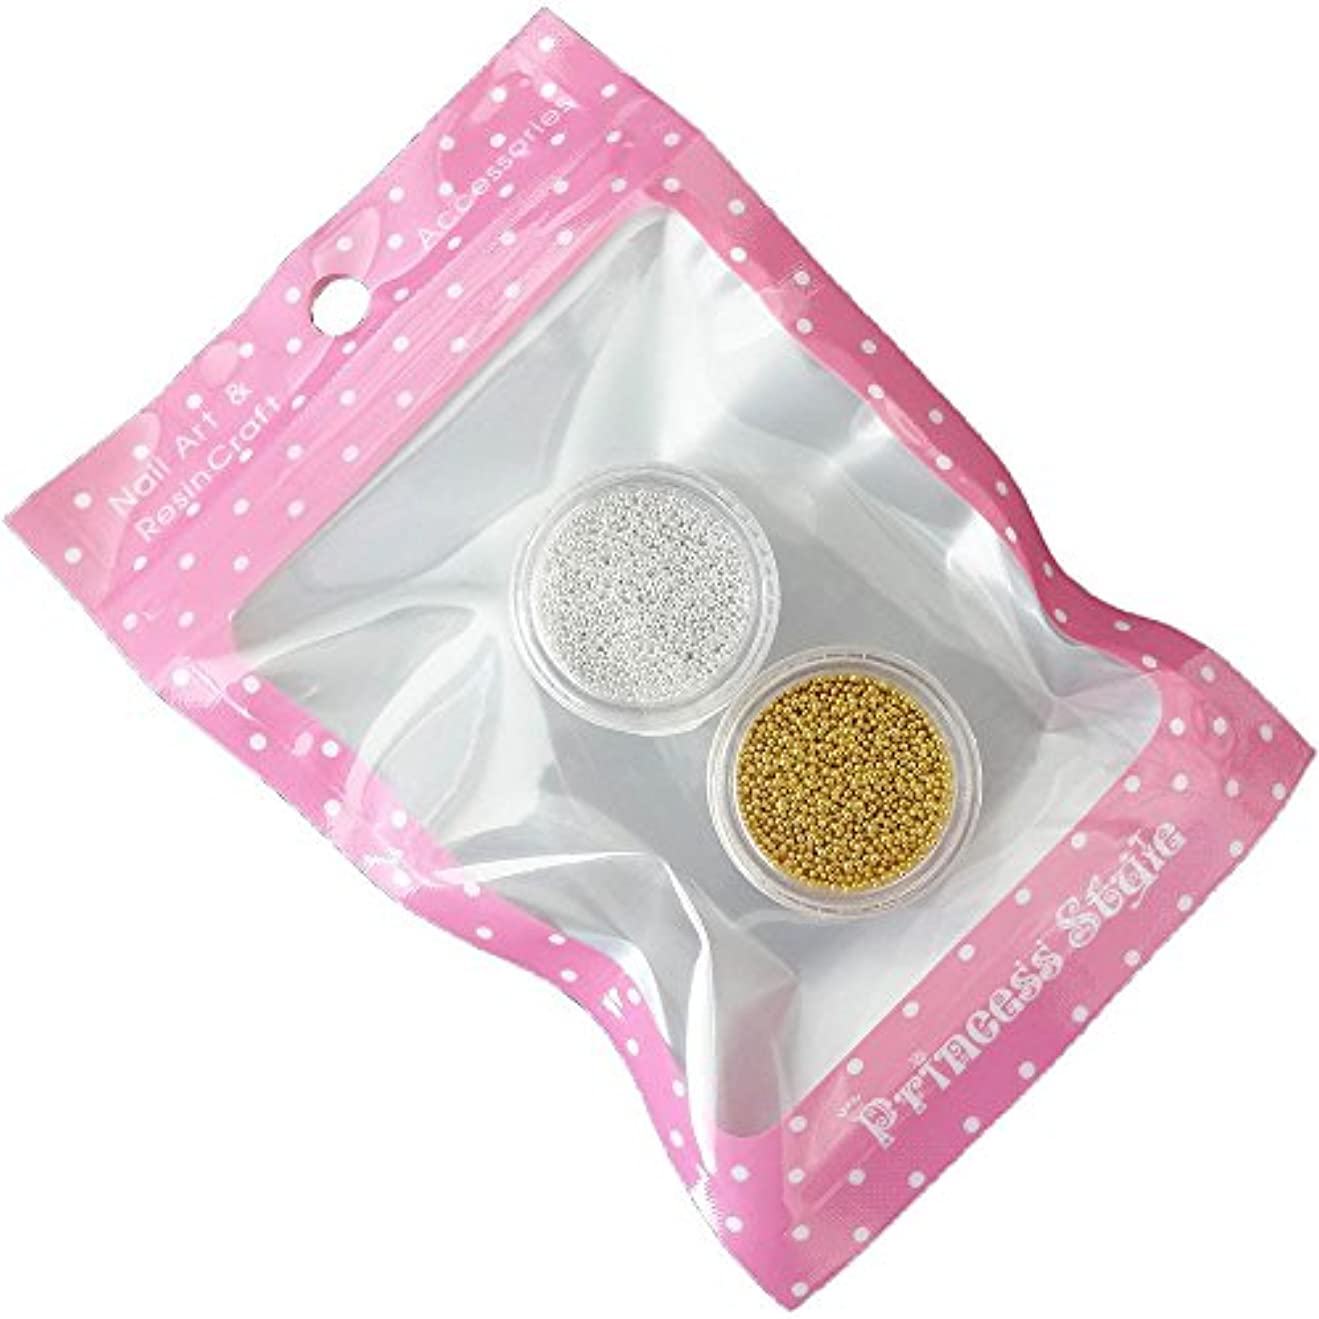 回想チャート食べるメタルブリオン 金属製 ゴールド&スノーホワイト 10g入り 2個セット